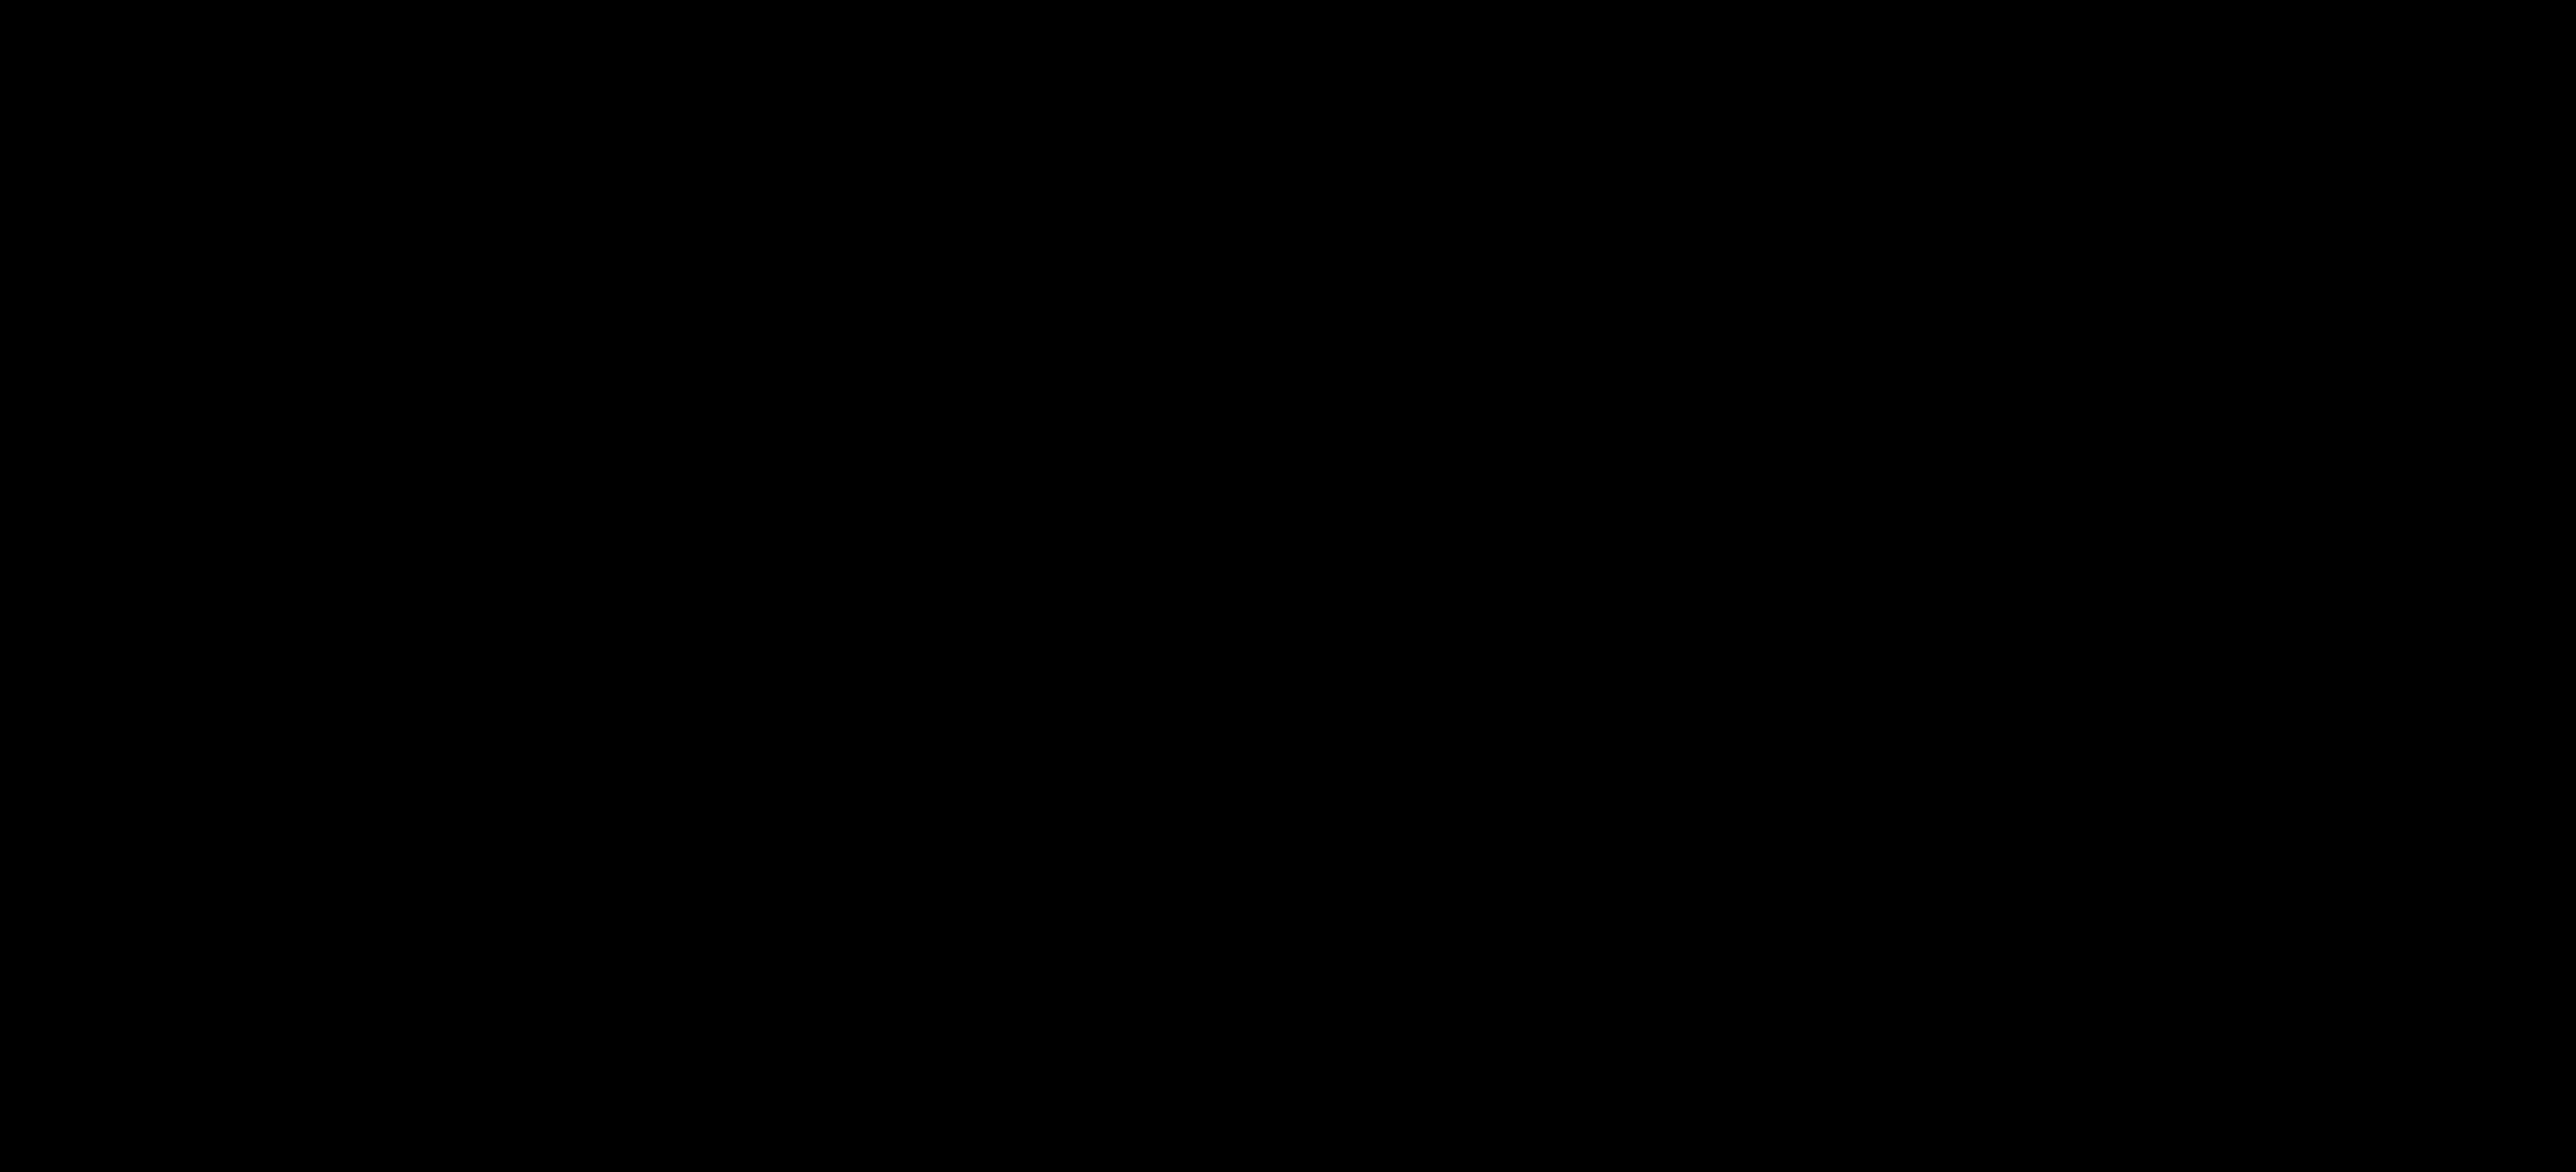 2021-08-11 Schloßvippacher Löschteich